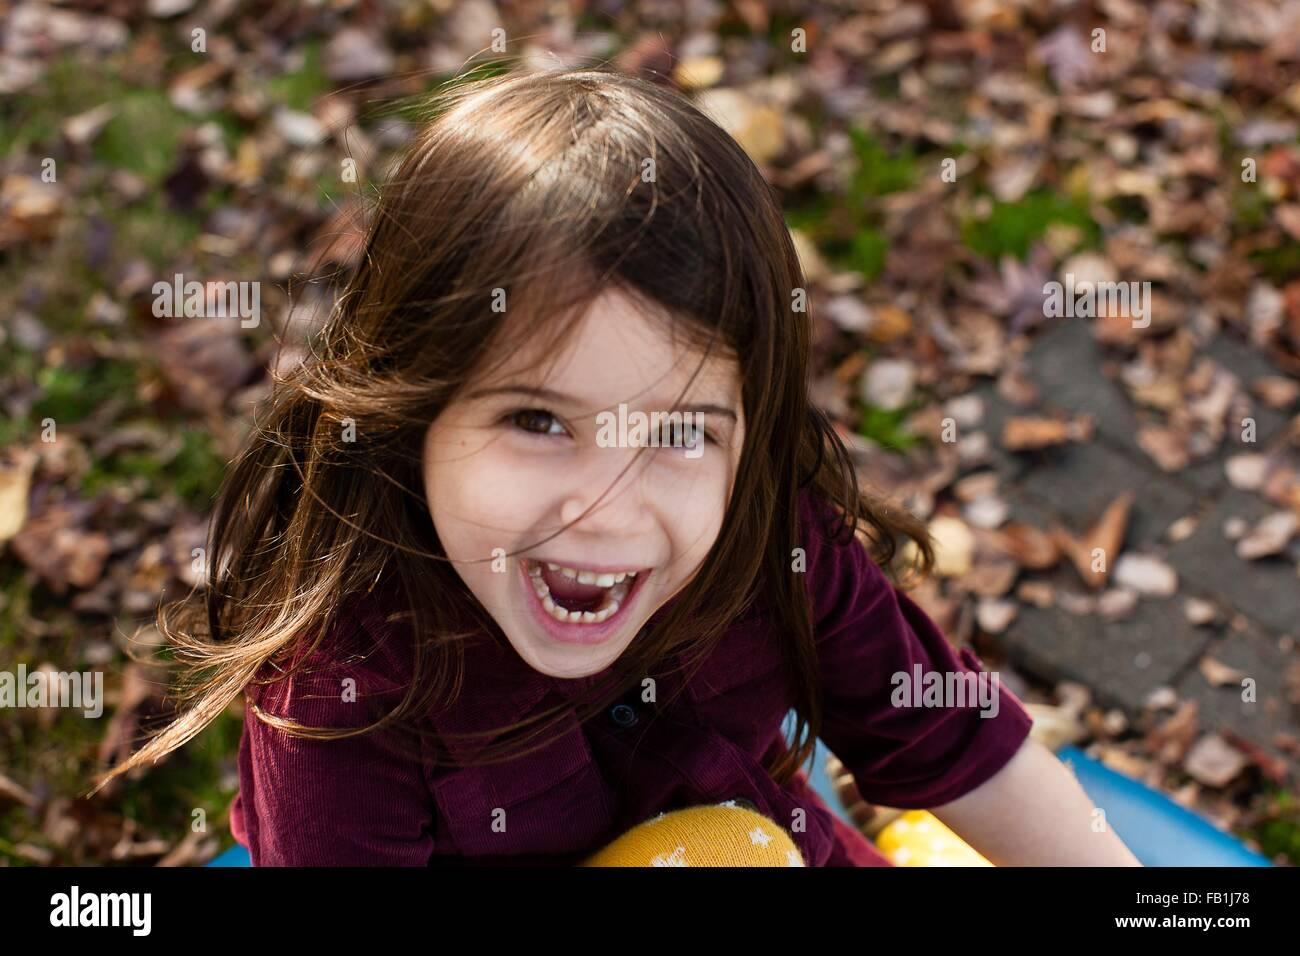 Hohen Winkel Porträt des jungen Mädchens unter Herbst, die Blätter Blick in die Kamera öffnen Mund Lächeln Stockfoto